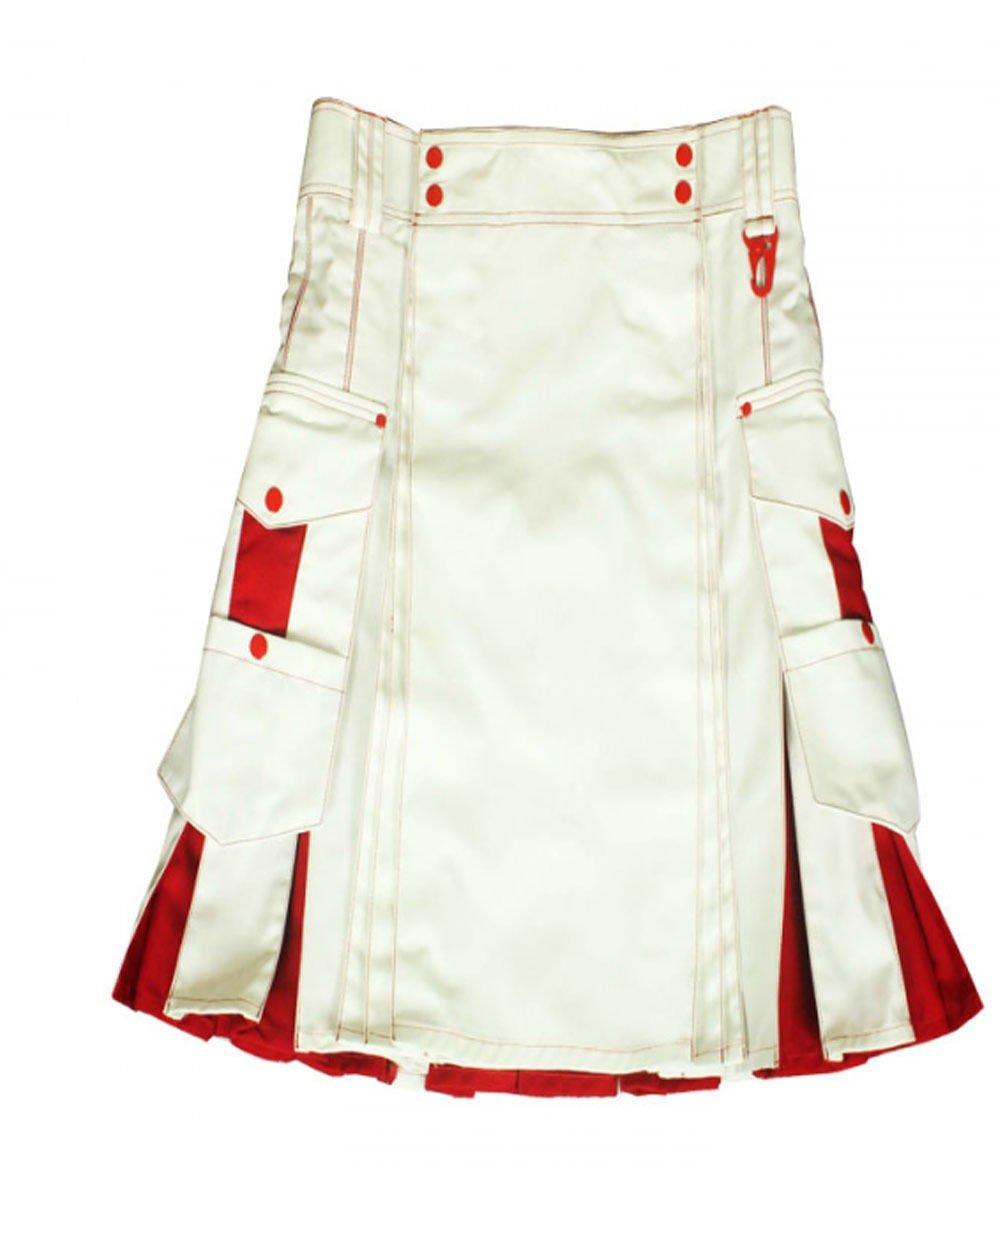 46 Size Handmade White & Red Cotton Kilt for Active Men, Hybrid Cotton Utility Deluxe Kilt